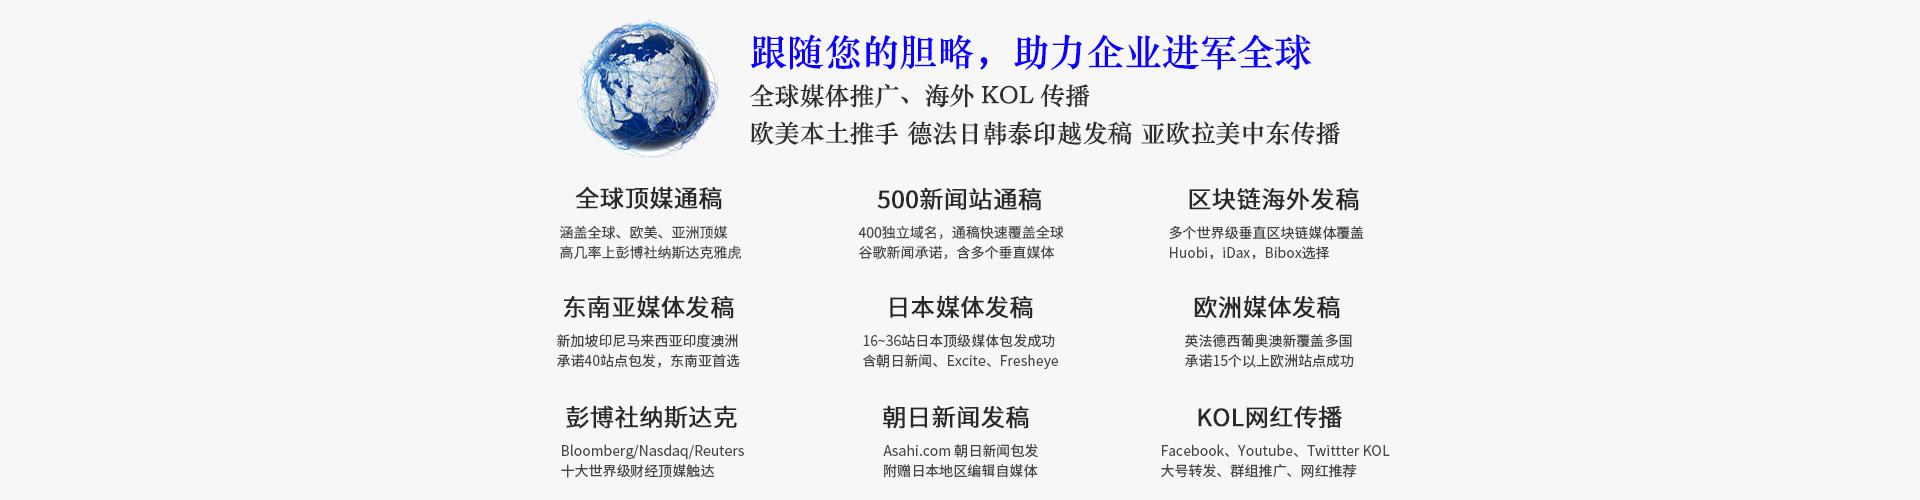 深圳网络营销公司